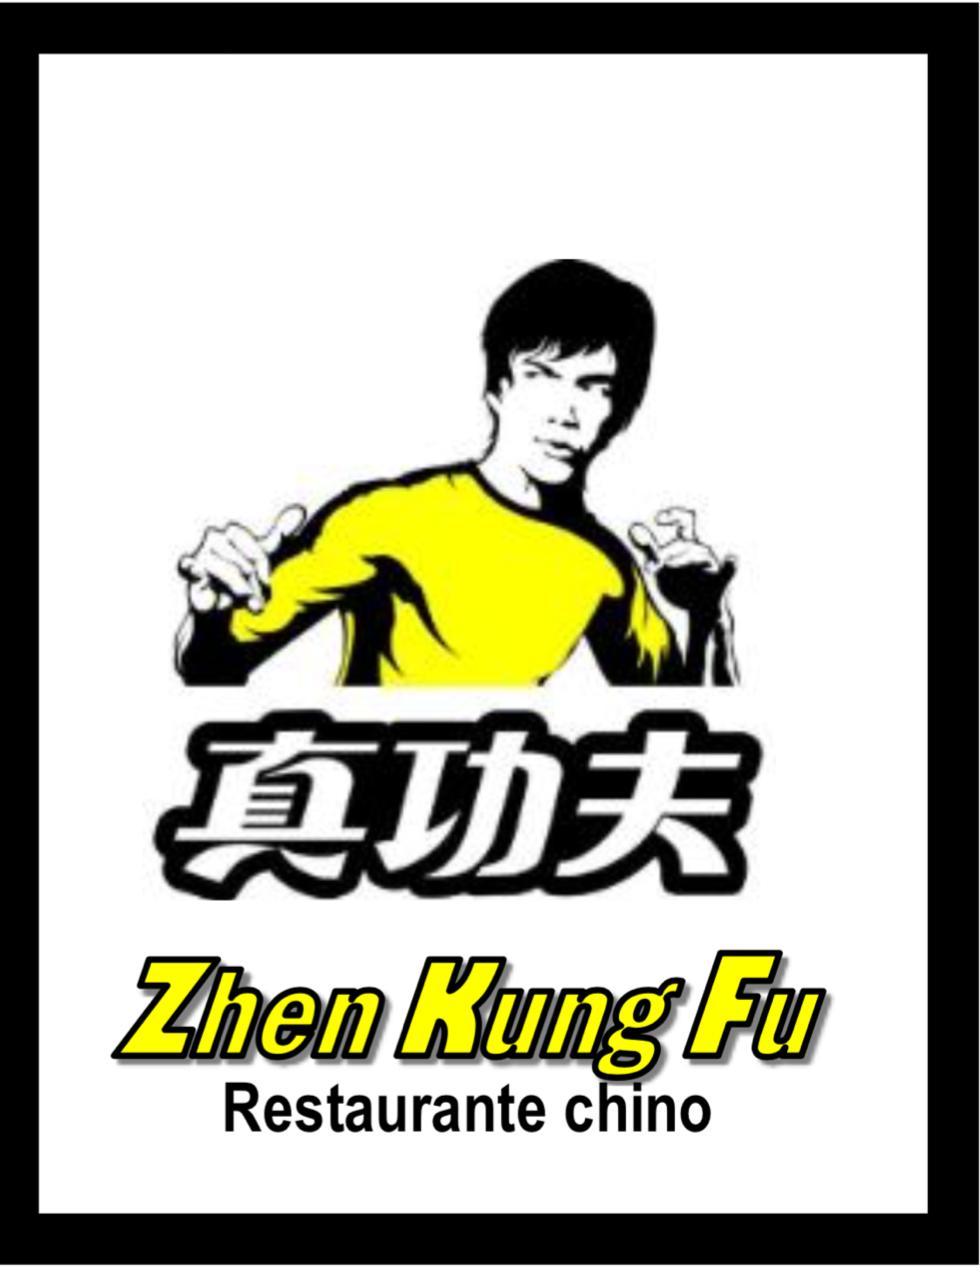 Zhen Kung Fu